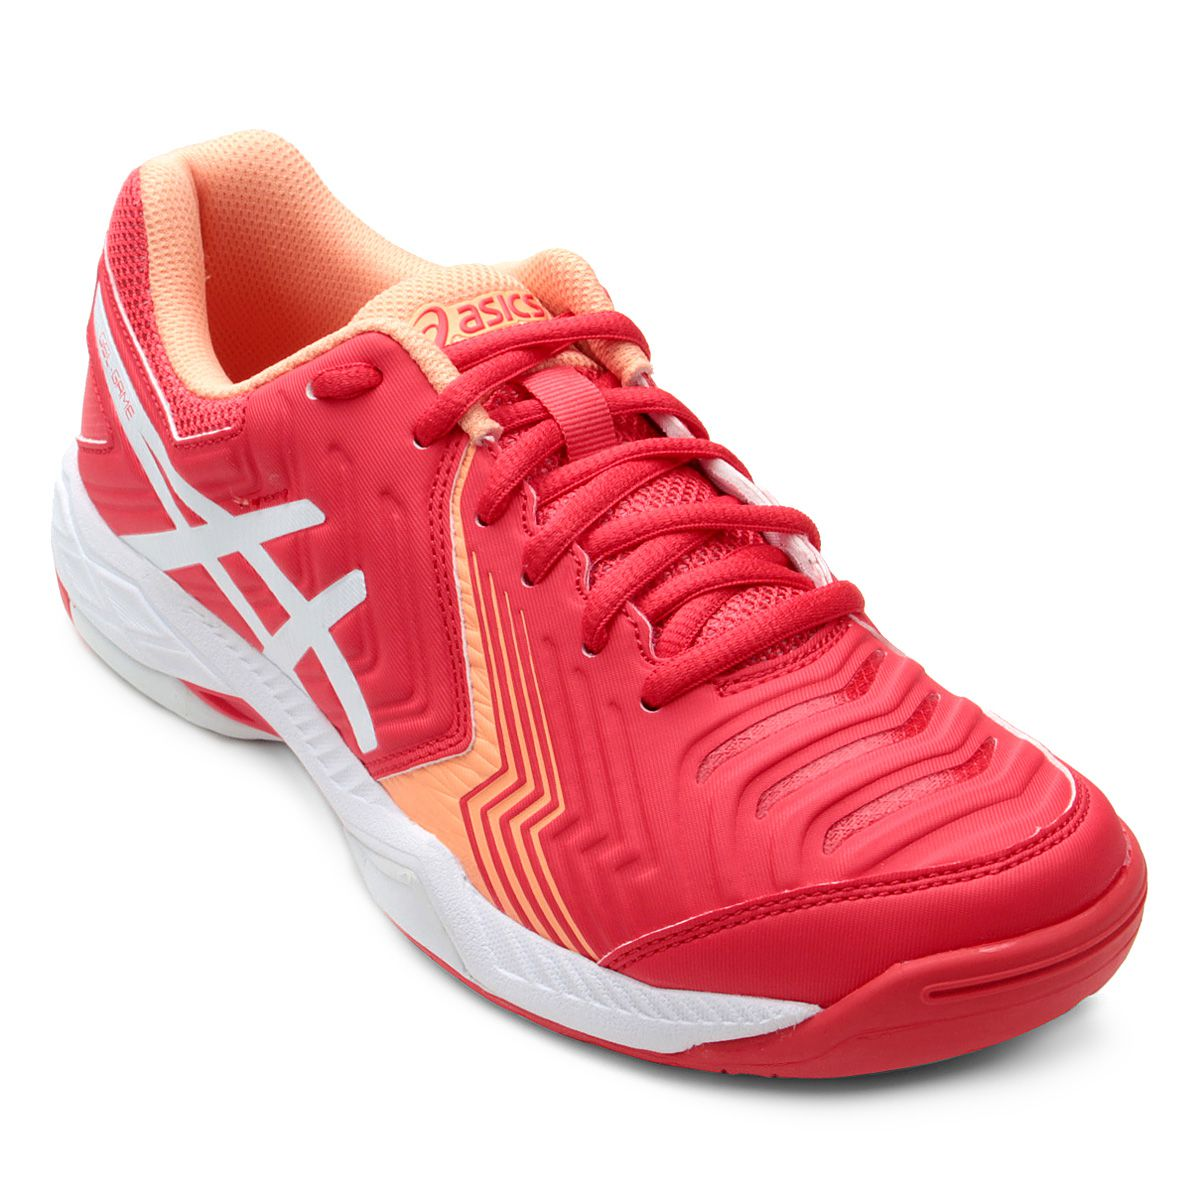 9a62e9f08a Tênis Asics Gel Game 6 Feminino - Vermelho e Branco - Sou Tenista ...